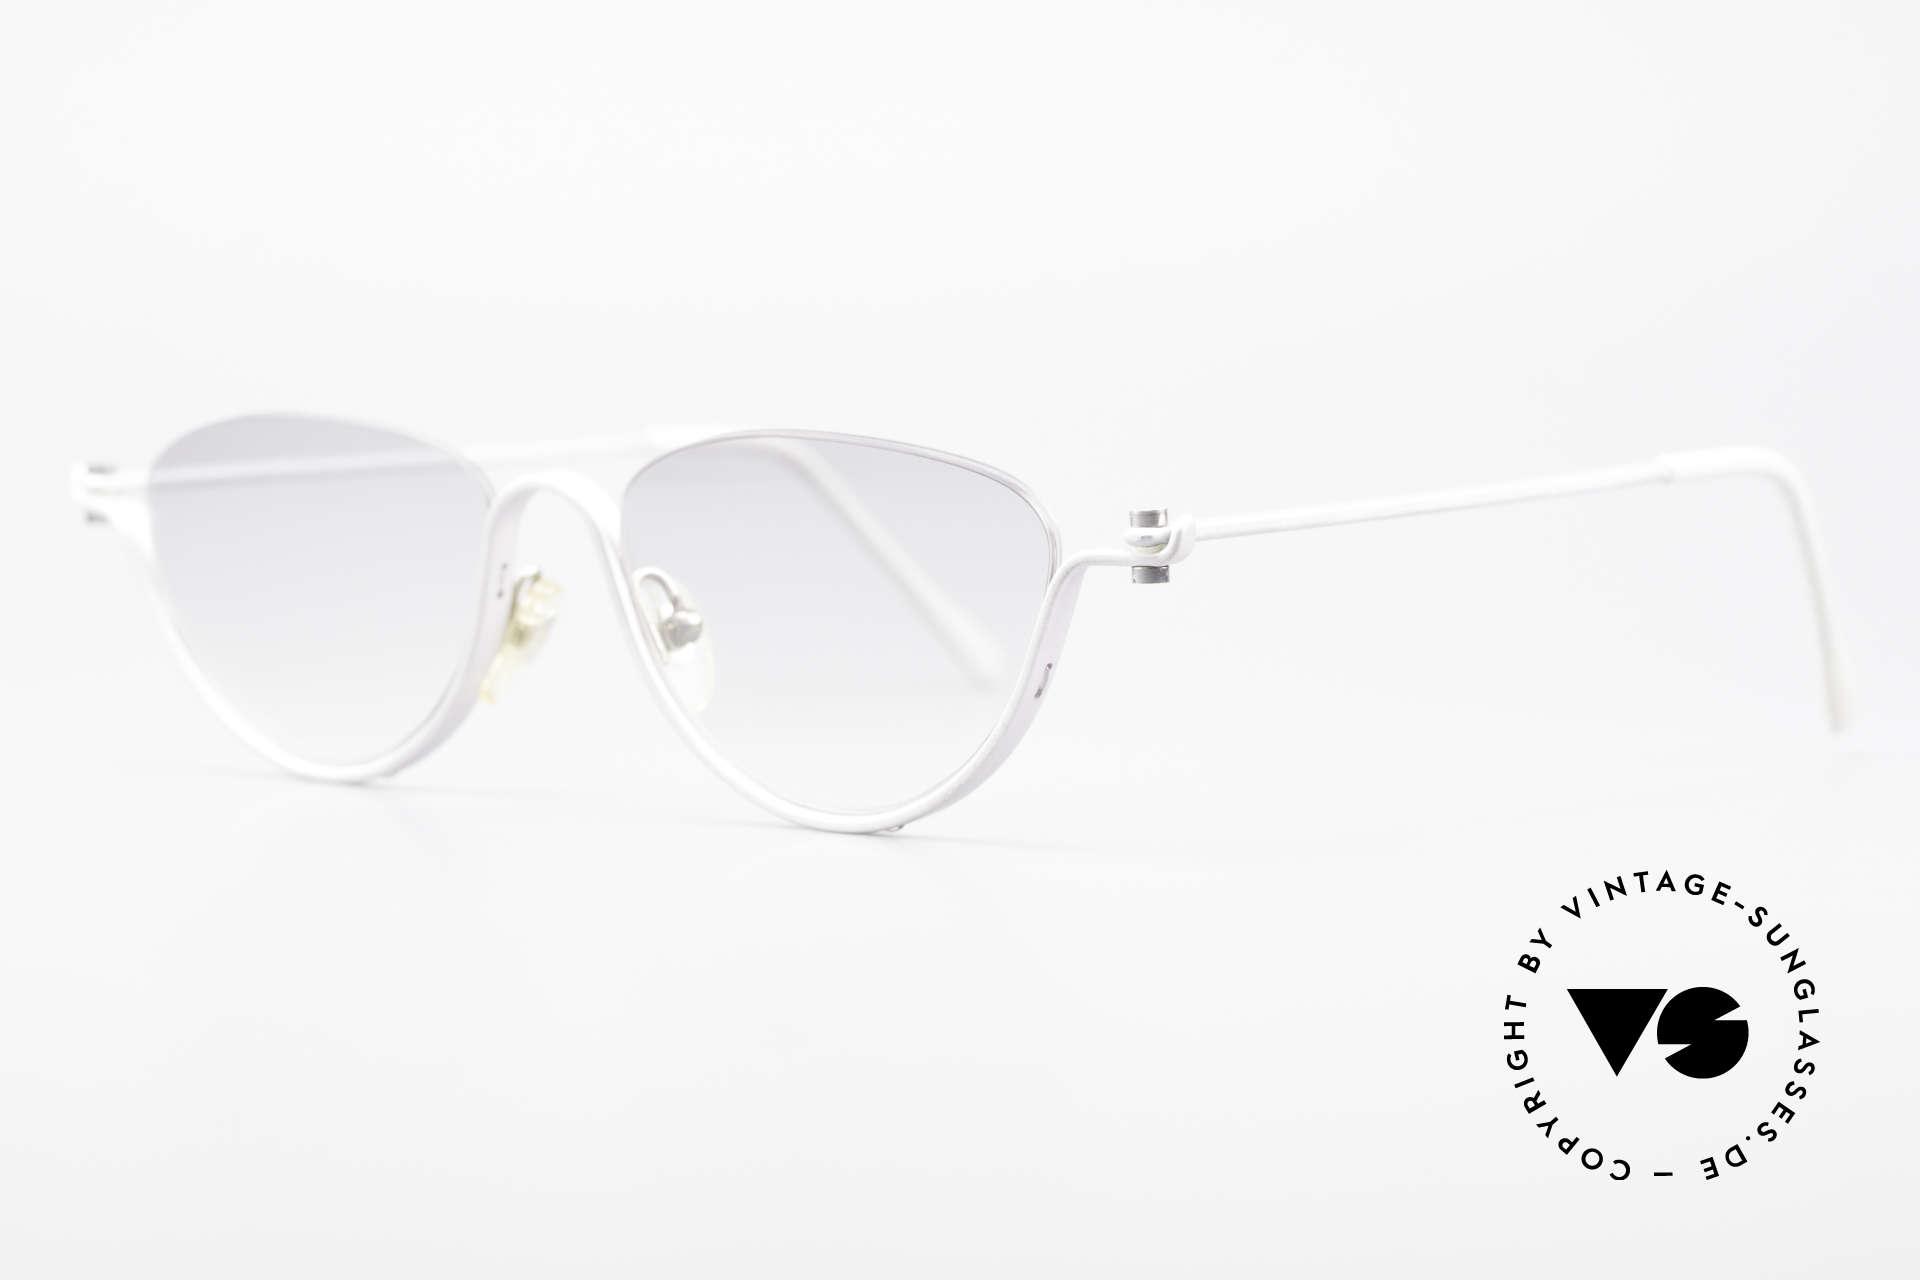 ProDesign No10 Gail Spence Design Brille, der Nachfolger der berühmten N°ONE FILMBRILLE, Passend für Damen